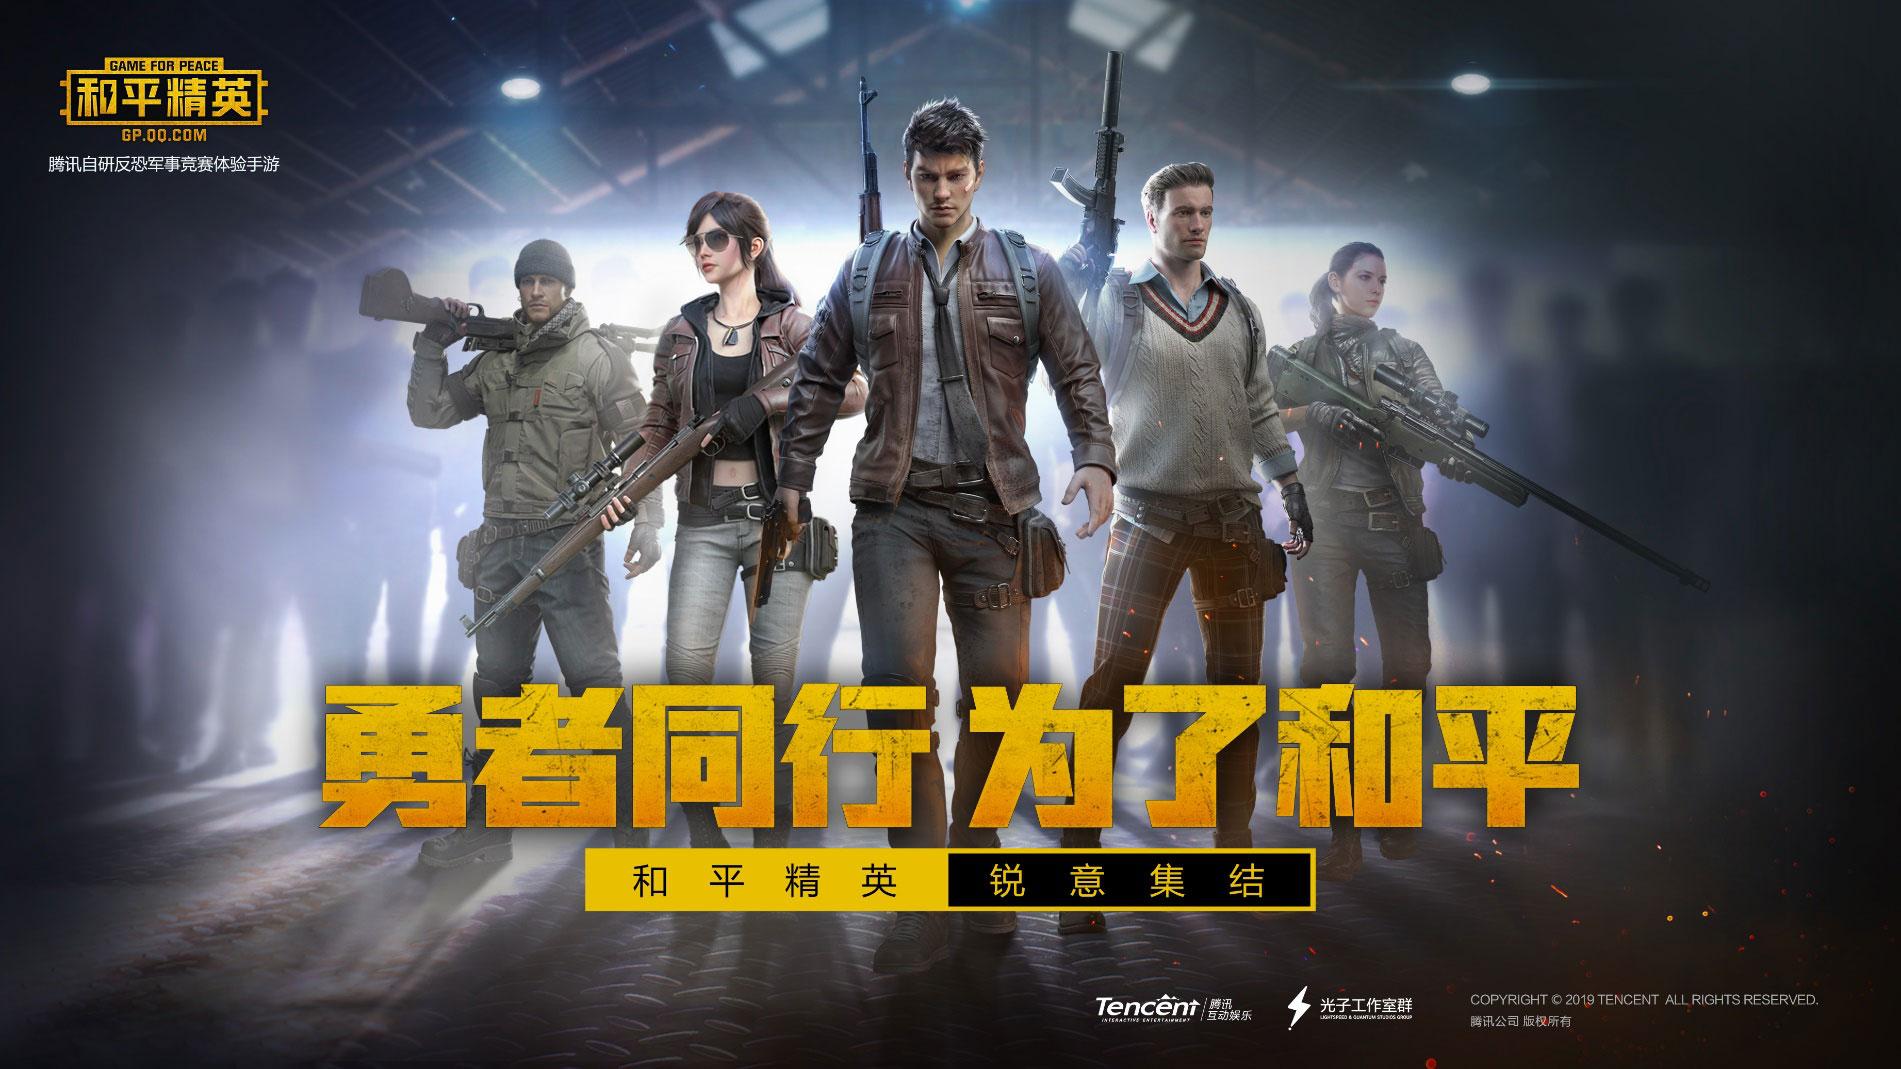 游戏资讯_《刺激战场》测试服关闭 《和平精英》接棒_凤凰网游戏